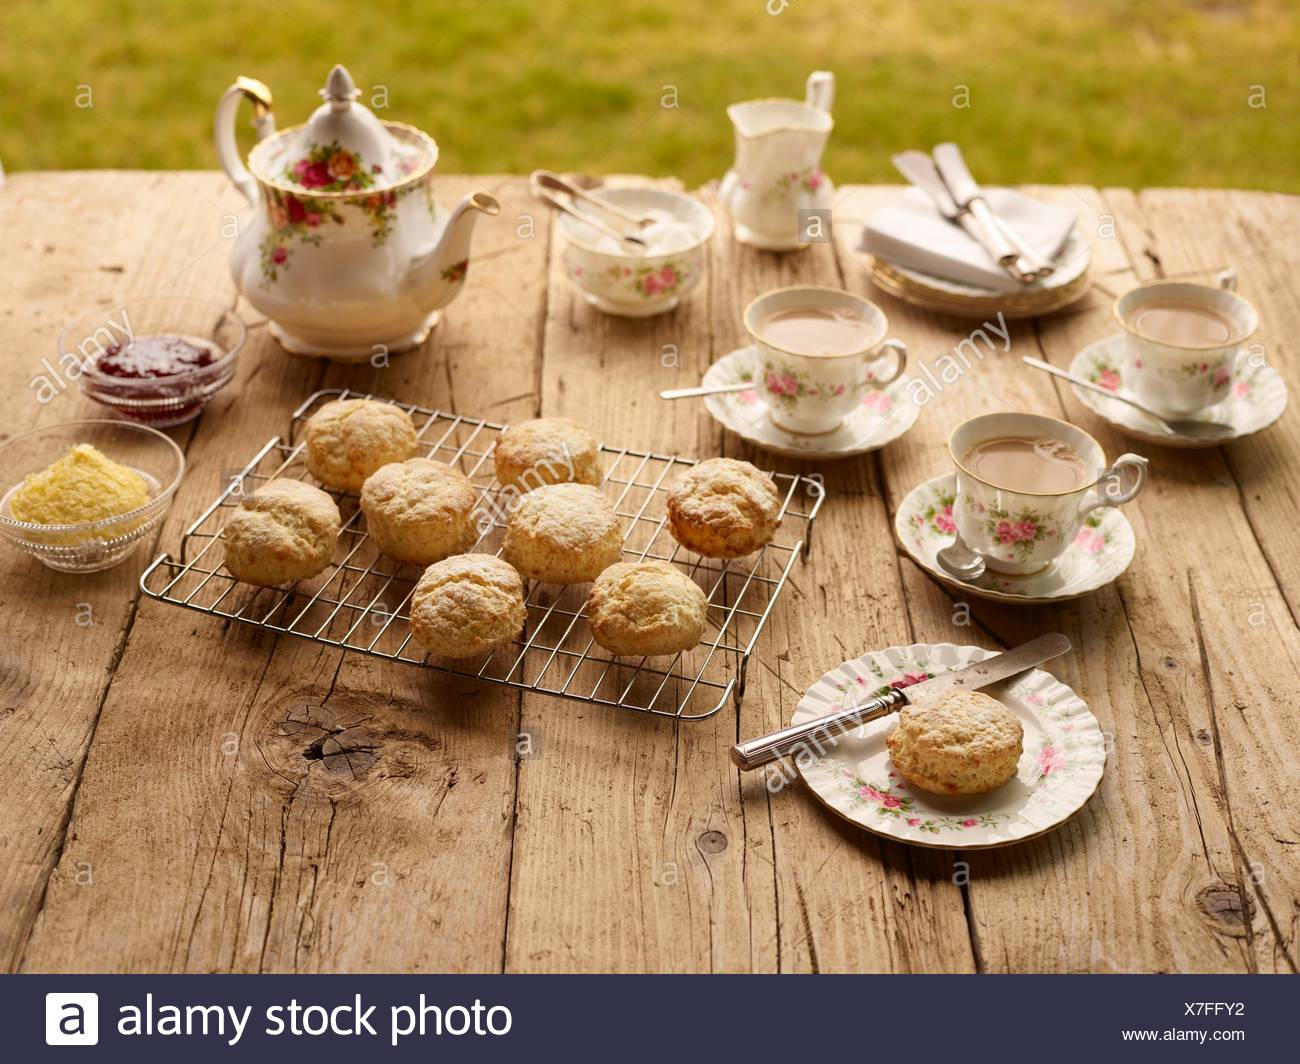 Tabella con il tè del pomeriggio con dolci appena usciti dal forno scones con marmellata e clotted cream Immagini Stock